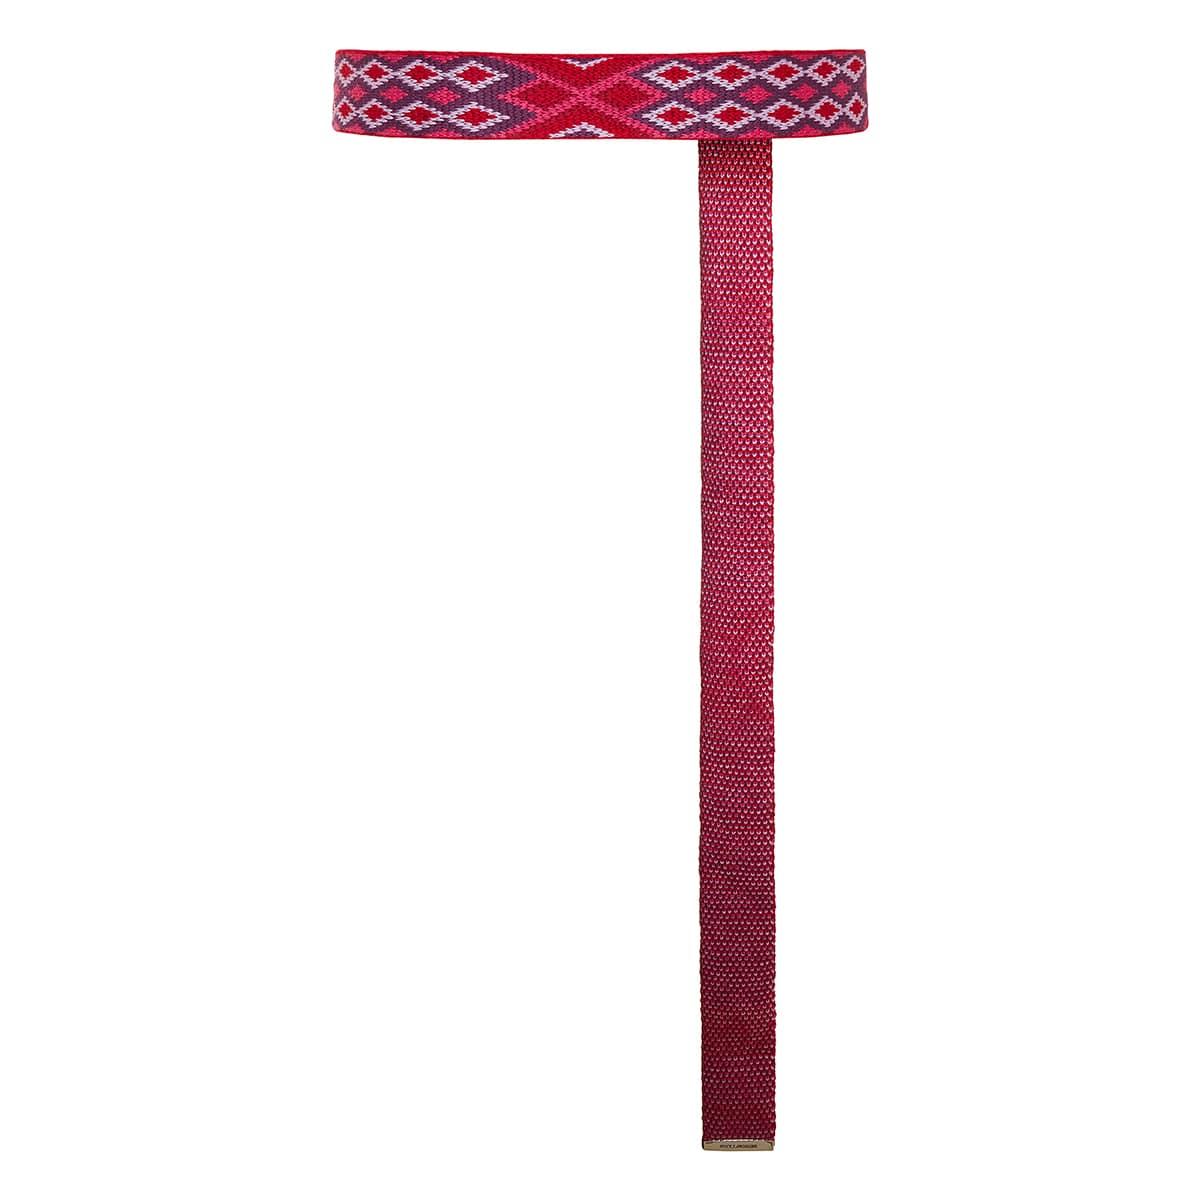 Balknit patterned belt